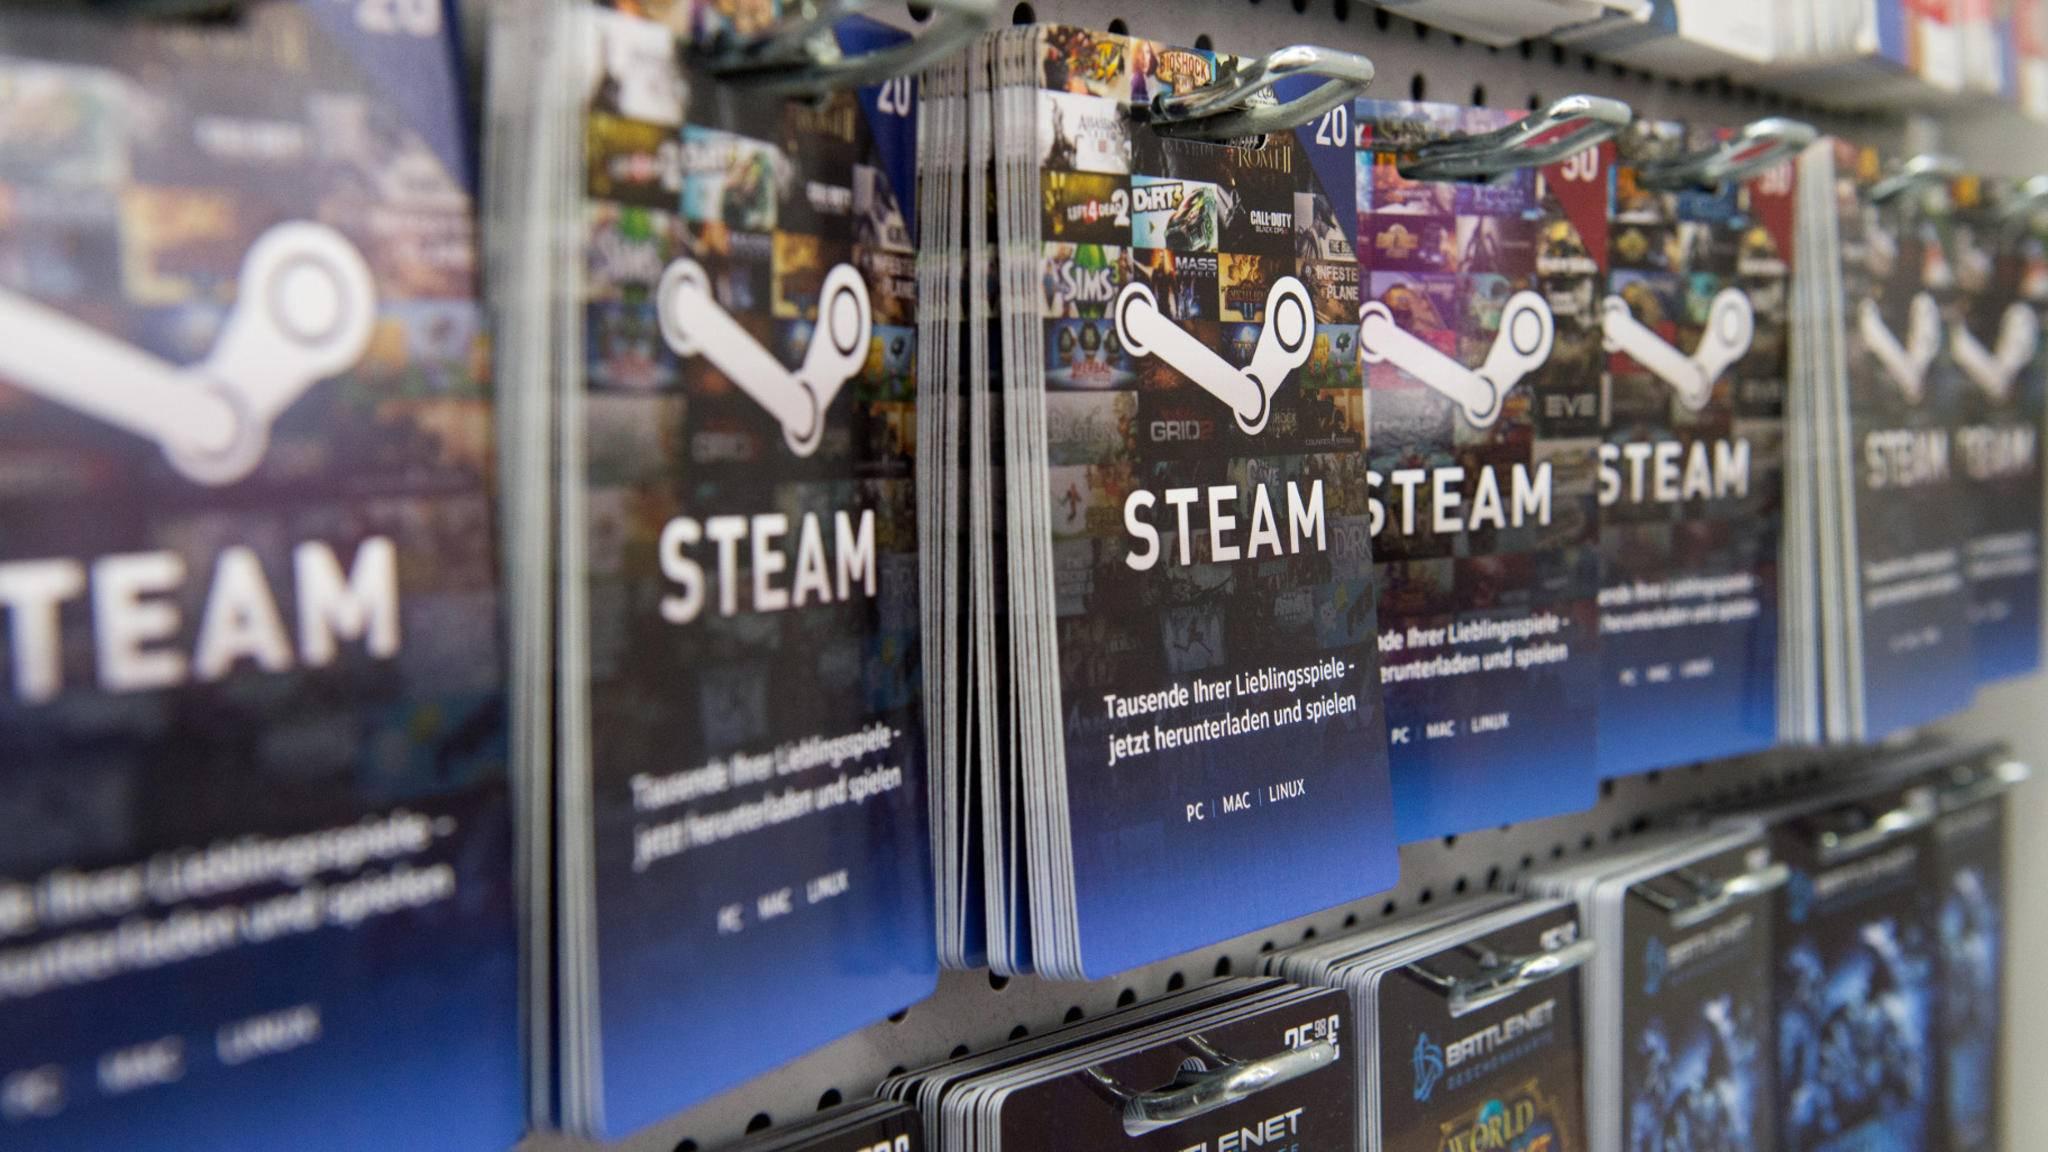 Steam-Spiele können problemlos zurückgegeben werden.